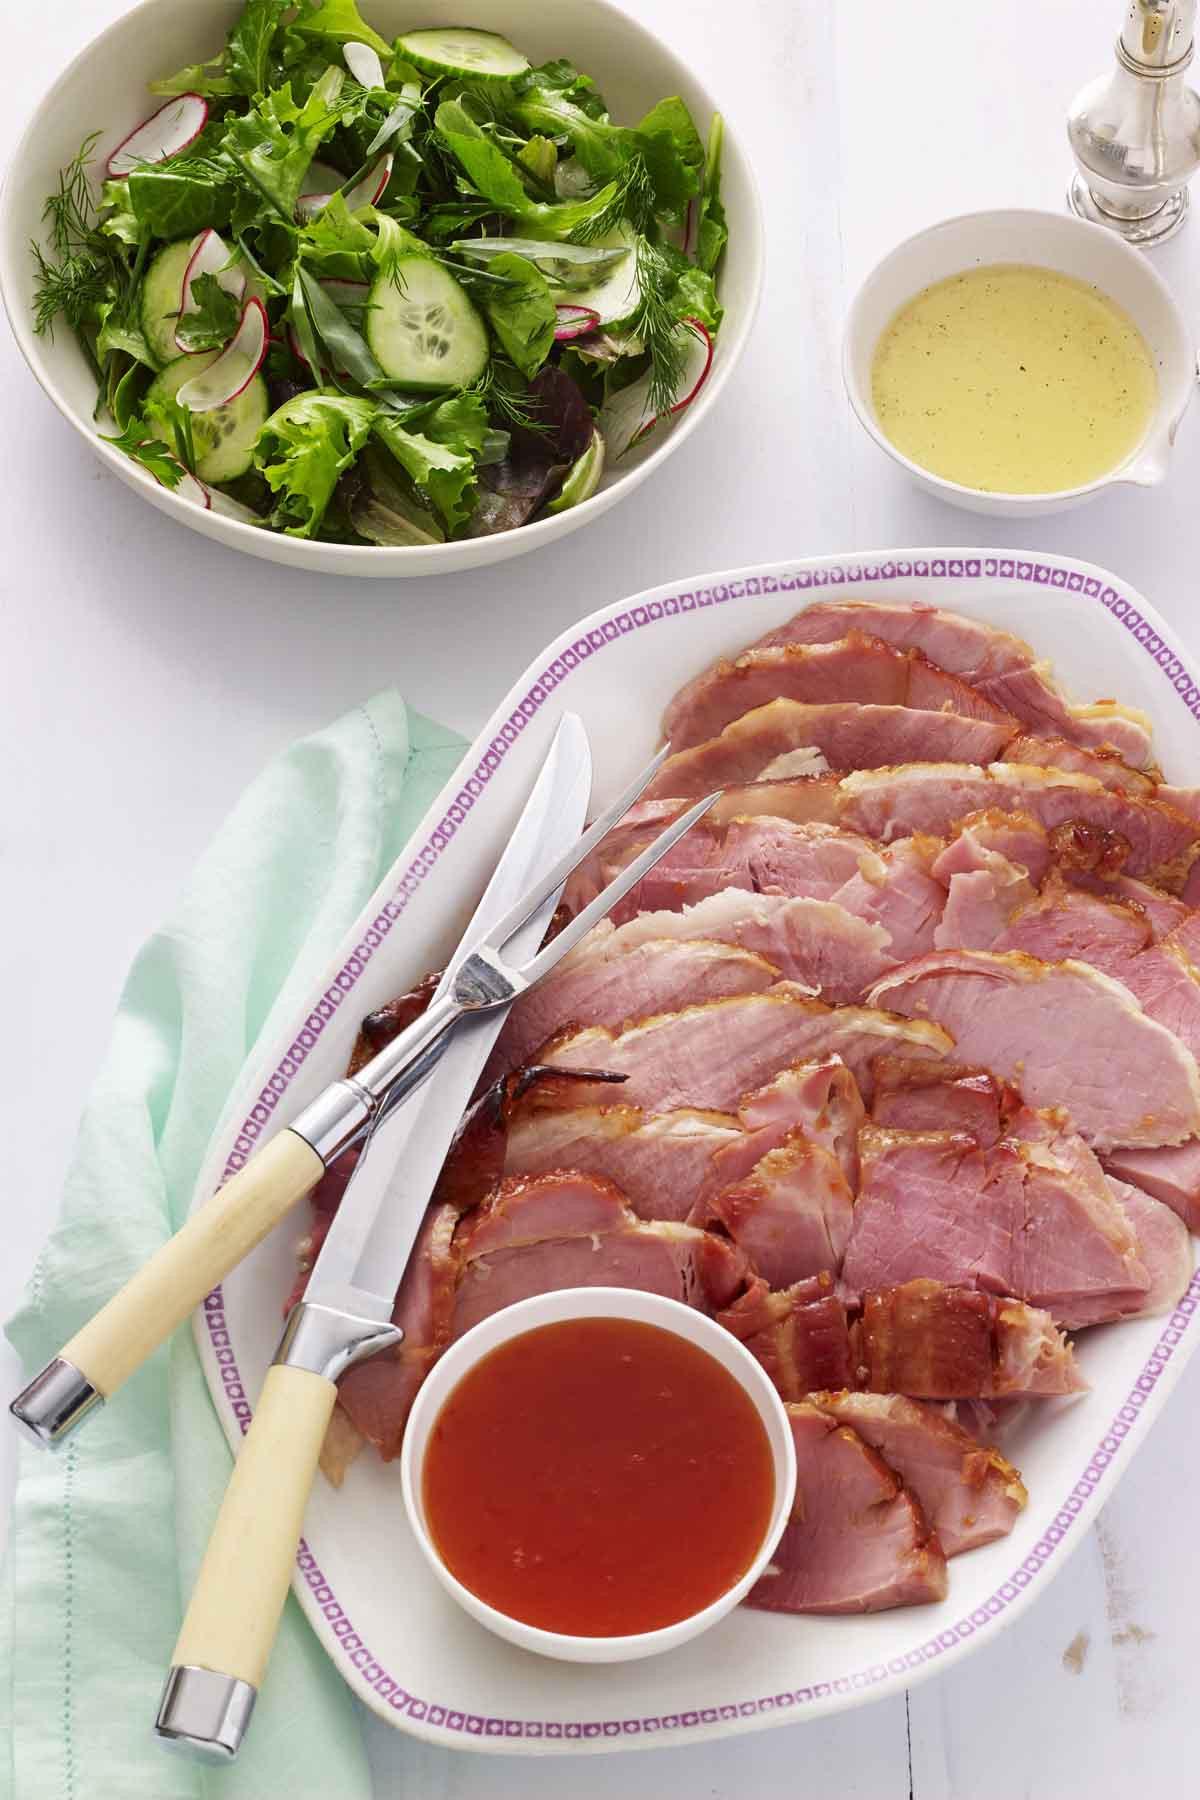 Easter Dinner Ideas No Ham  21 Easy Easter Dinner Ideas Recipes for the Best Easter